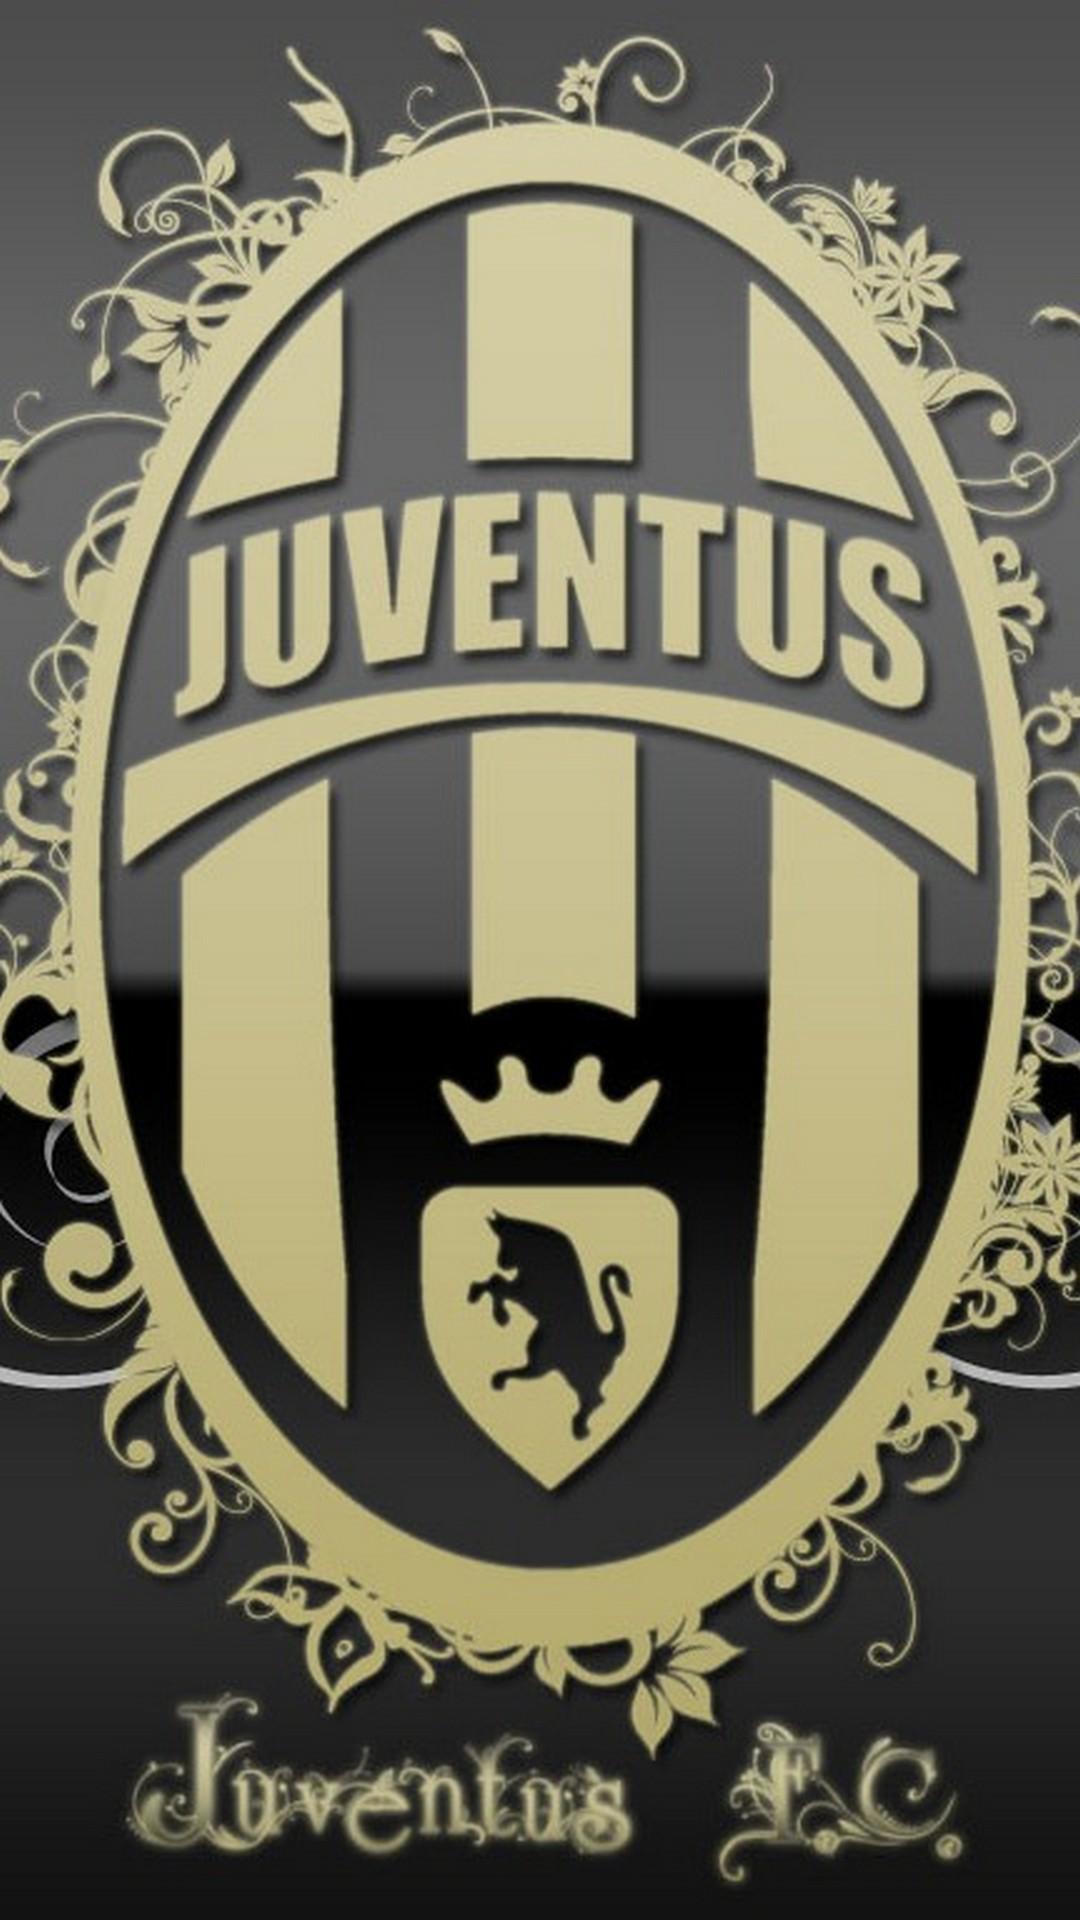 Juventus Wallpaper 2018 (72+ images)